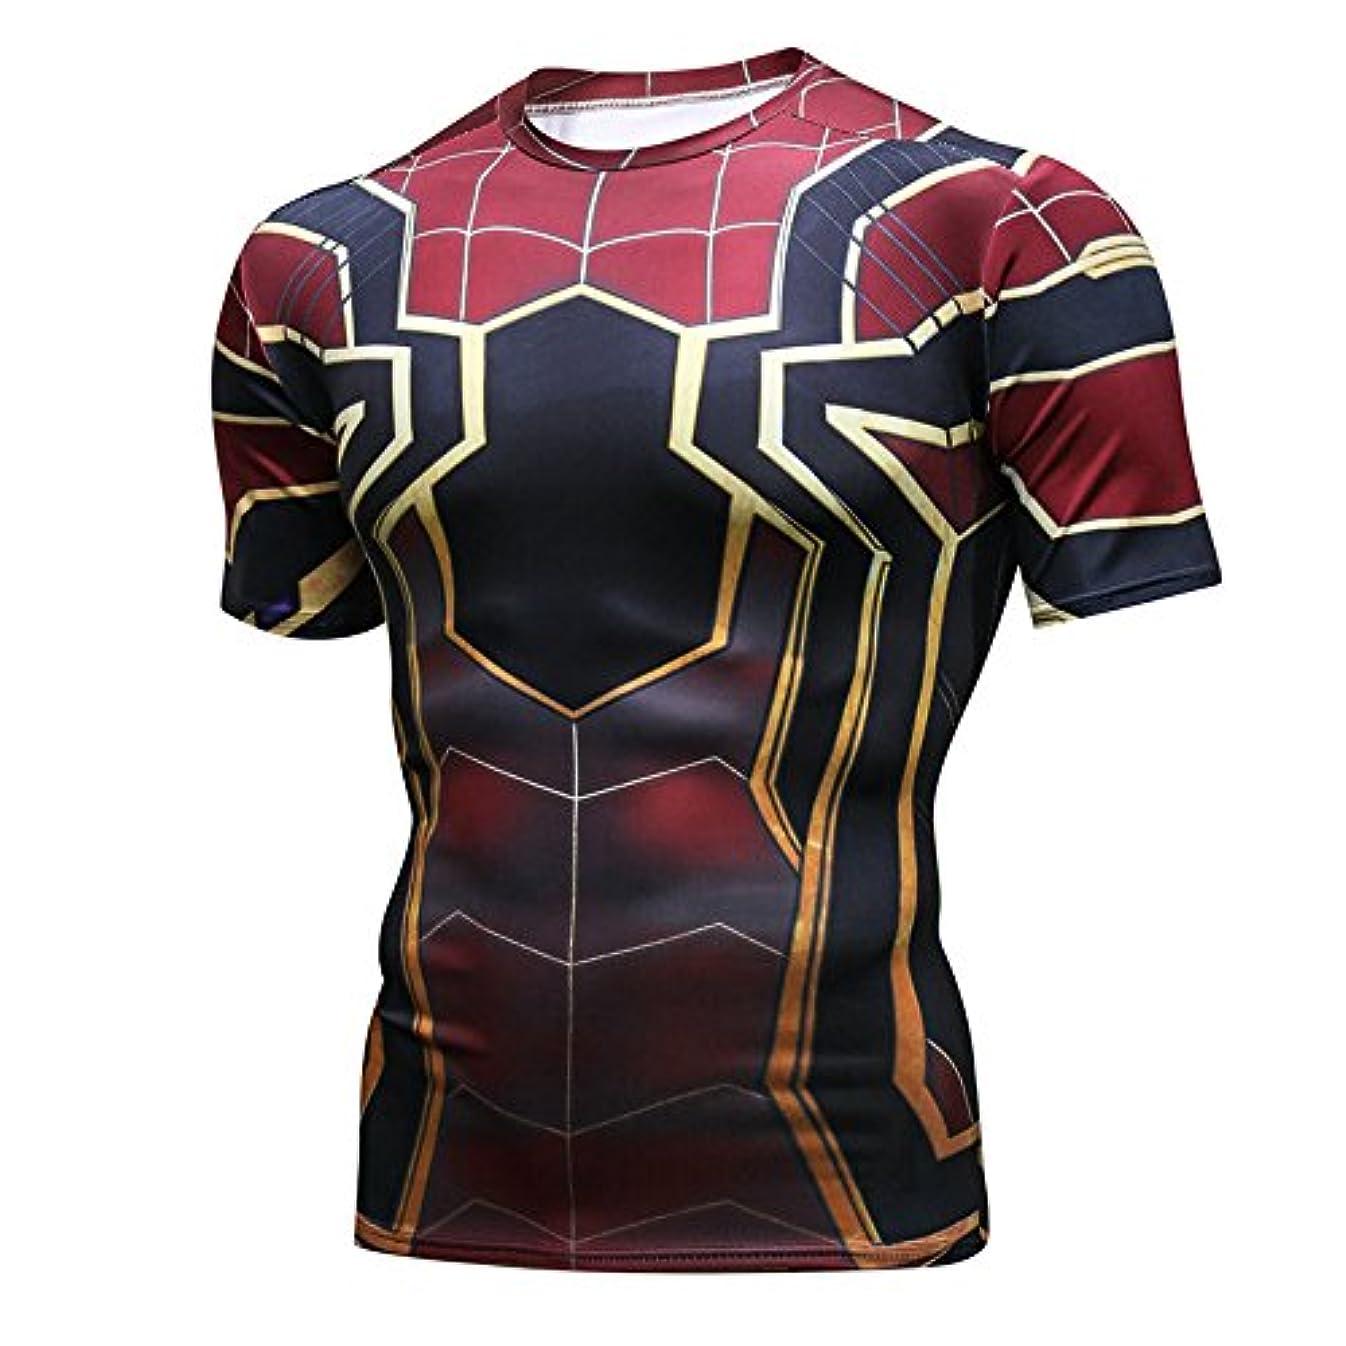 オーバーコート溶かす傷跡NINI メンズ スポーツウェア スパイダーマン Tシャツ 吸汗速乾 スポーツ tシャツ 3D高品質プリント 半袖tシャツ